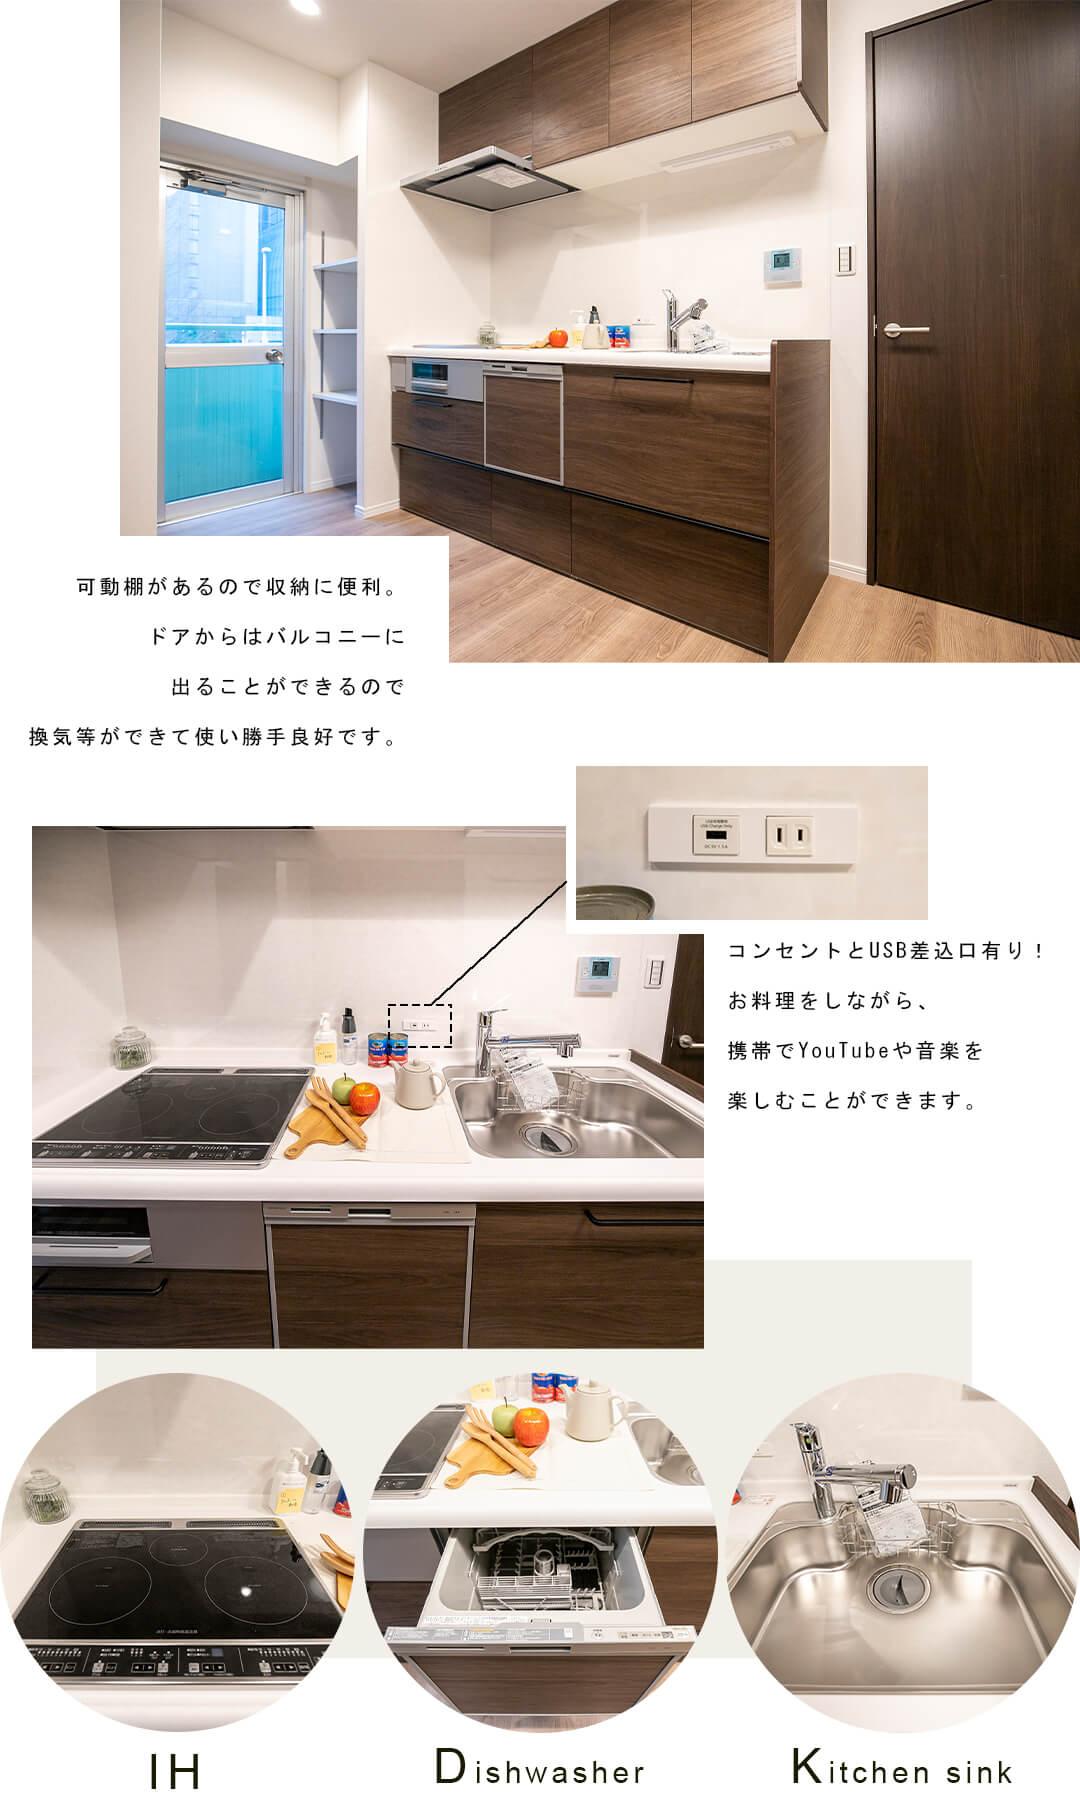 アルテール新宿のキッチン